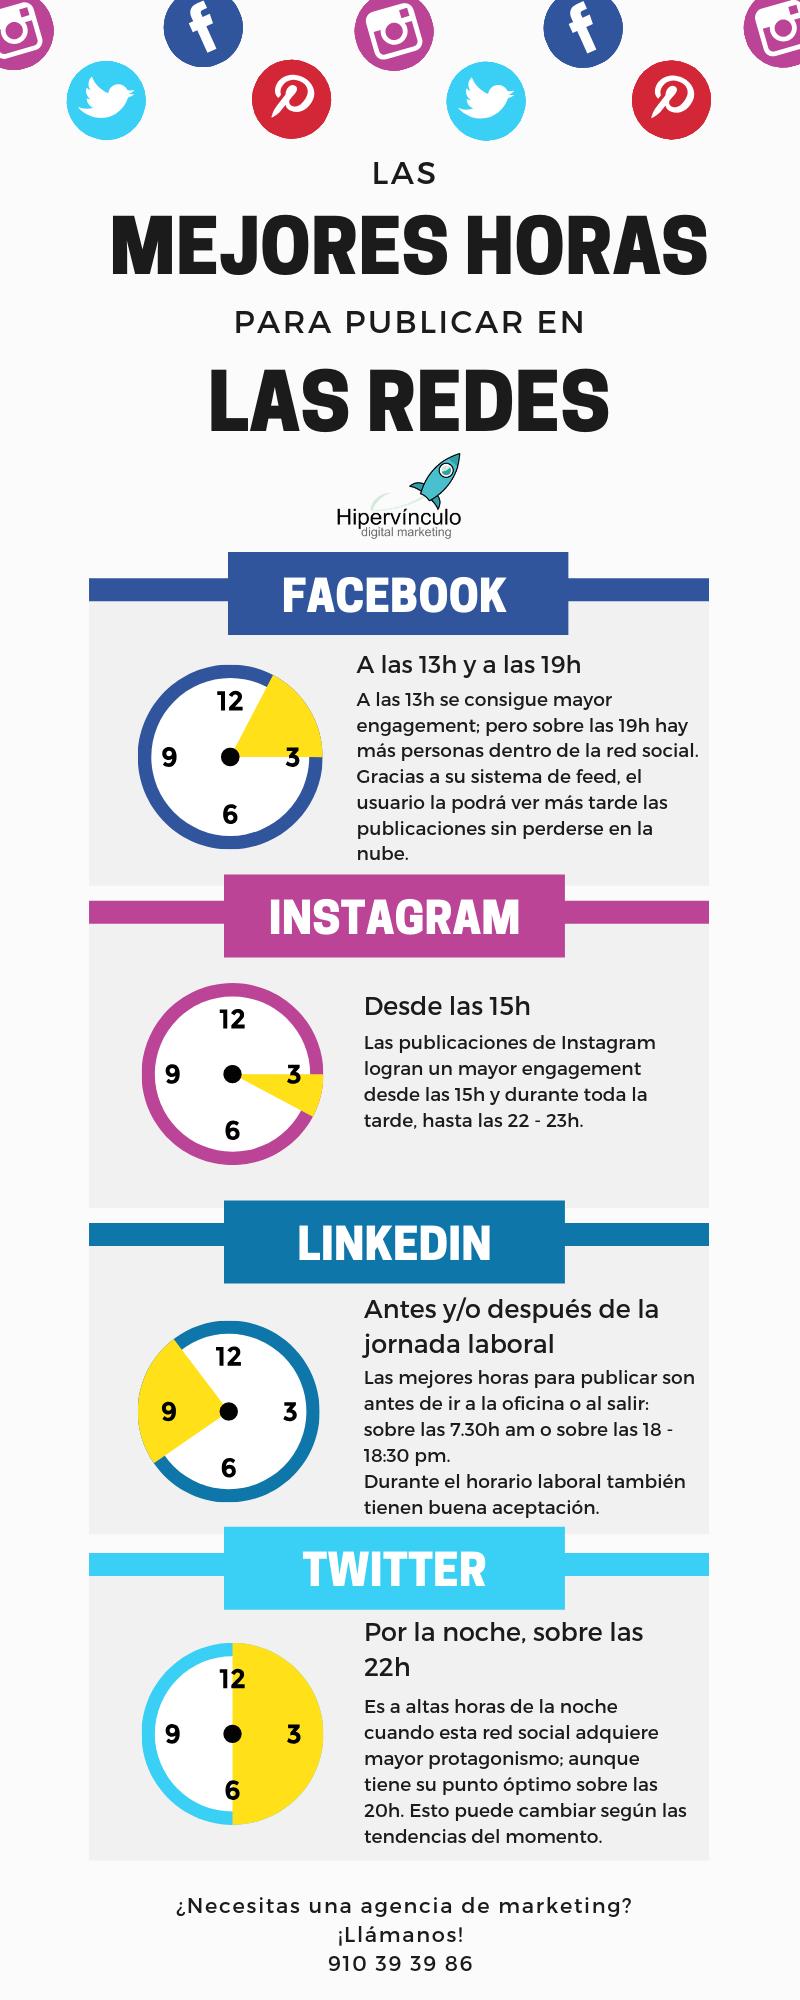 Las Mejores Horas Para Publicar En Redes Sociales Consejos Para Redes Sociales Publicidad Redes Sociales Redes Sociales Marketing